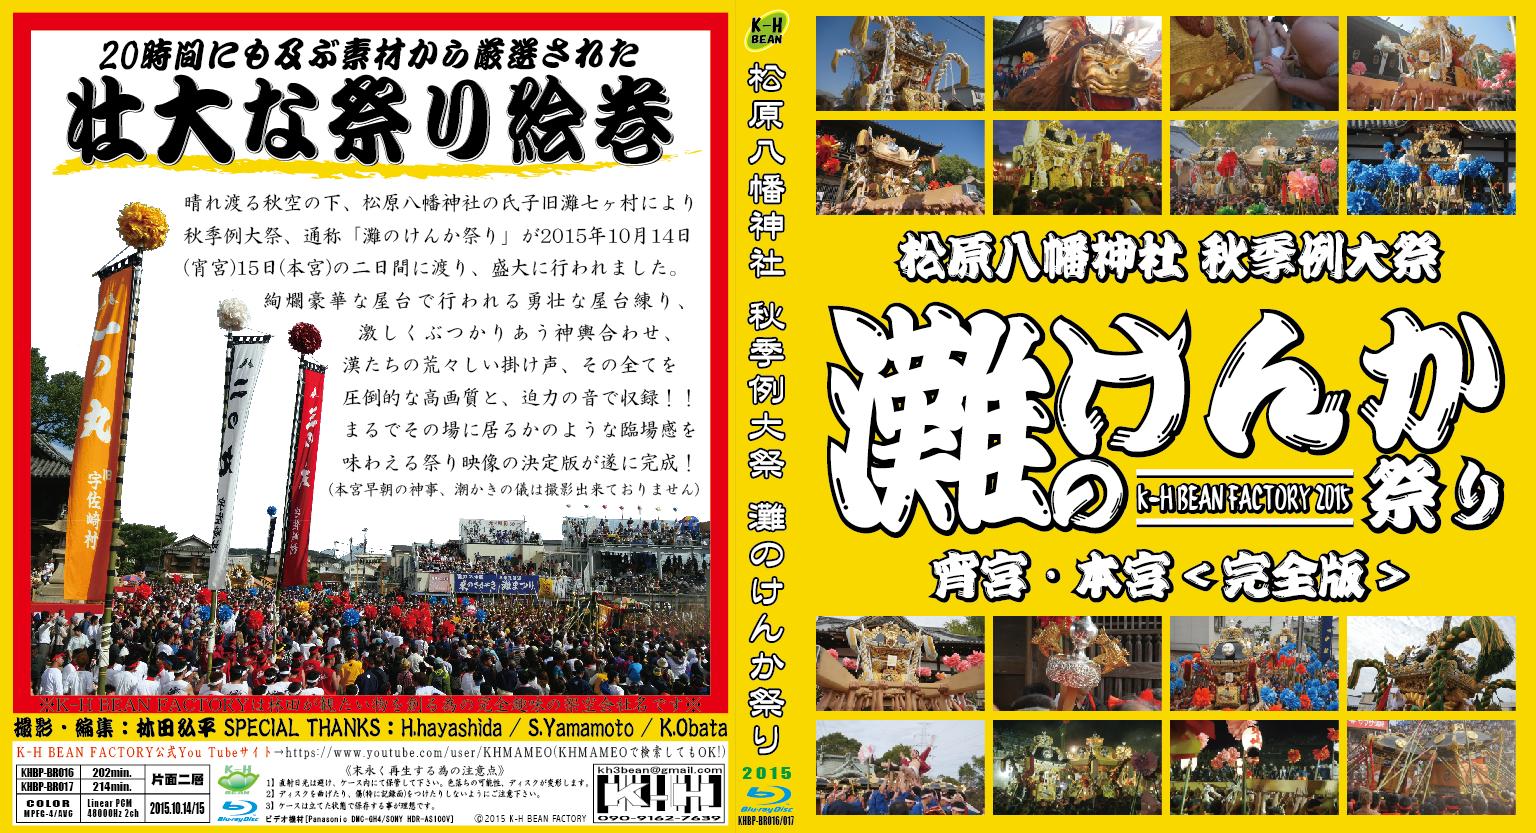 灘のけんか祭りジャケット2015.png